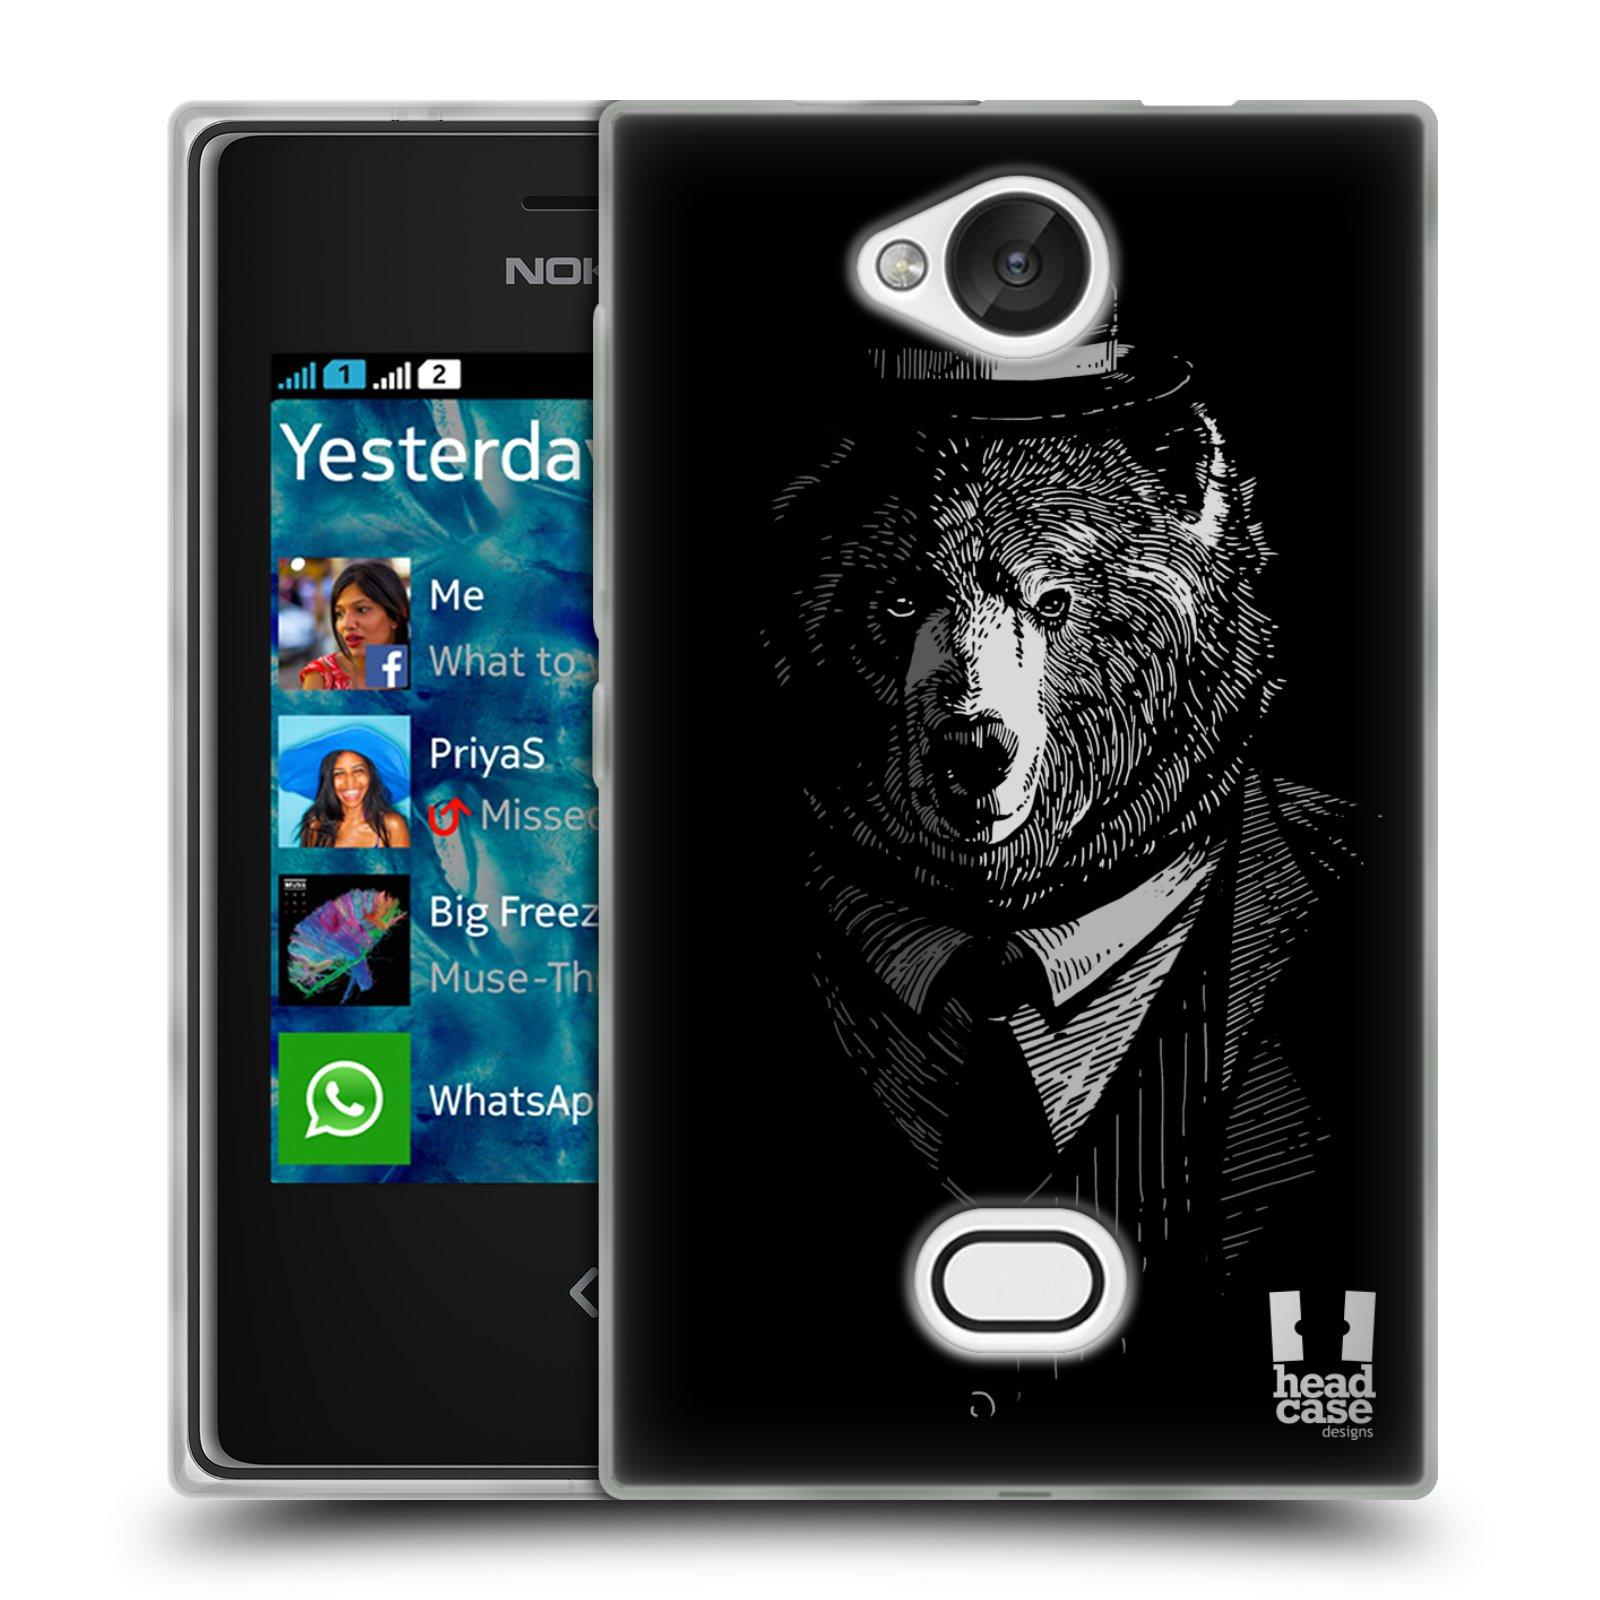 HEAD CASE silikonový obal na mobil NOKIA Asha 503 vzor Zvíře v obleku medvěd